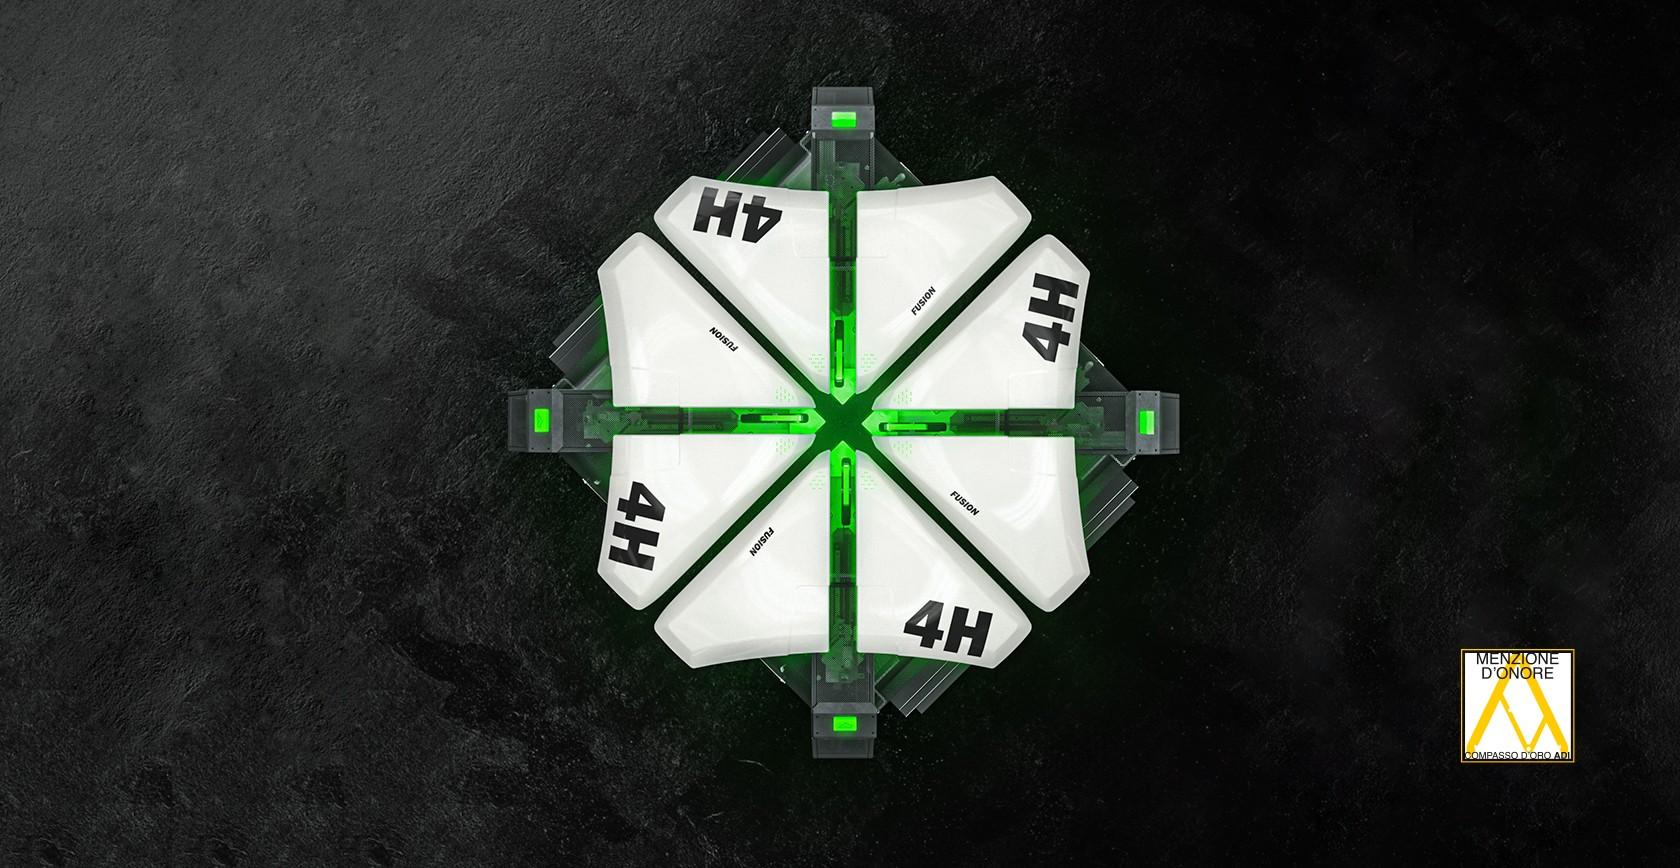 Fusion 4H Menzione D'Onore ADI Design